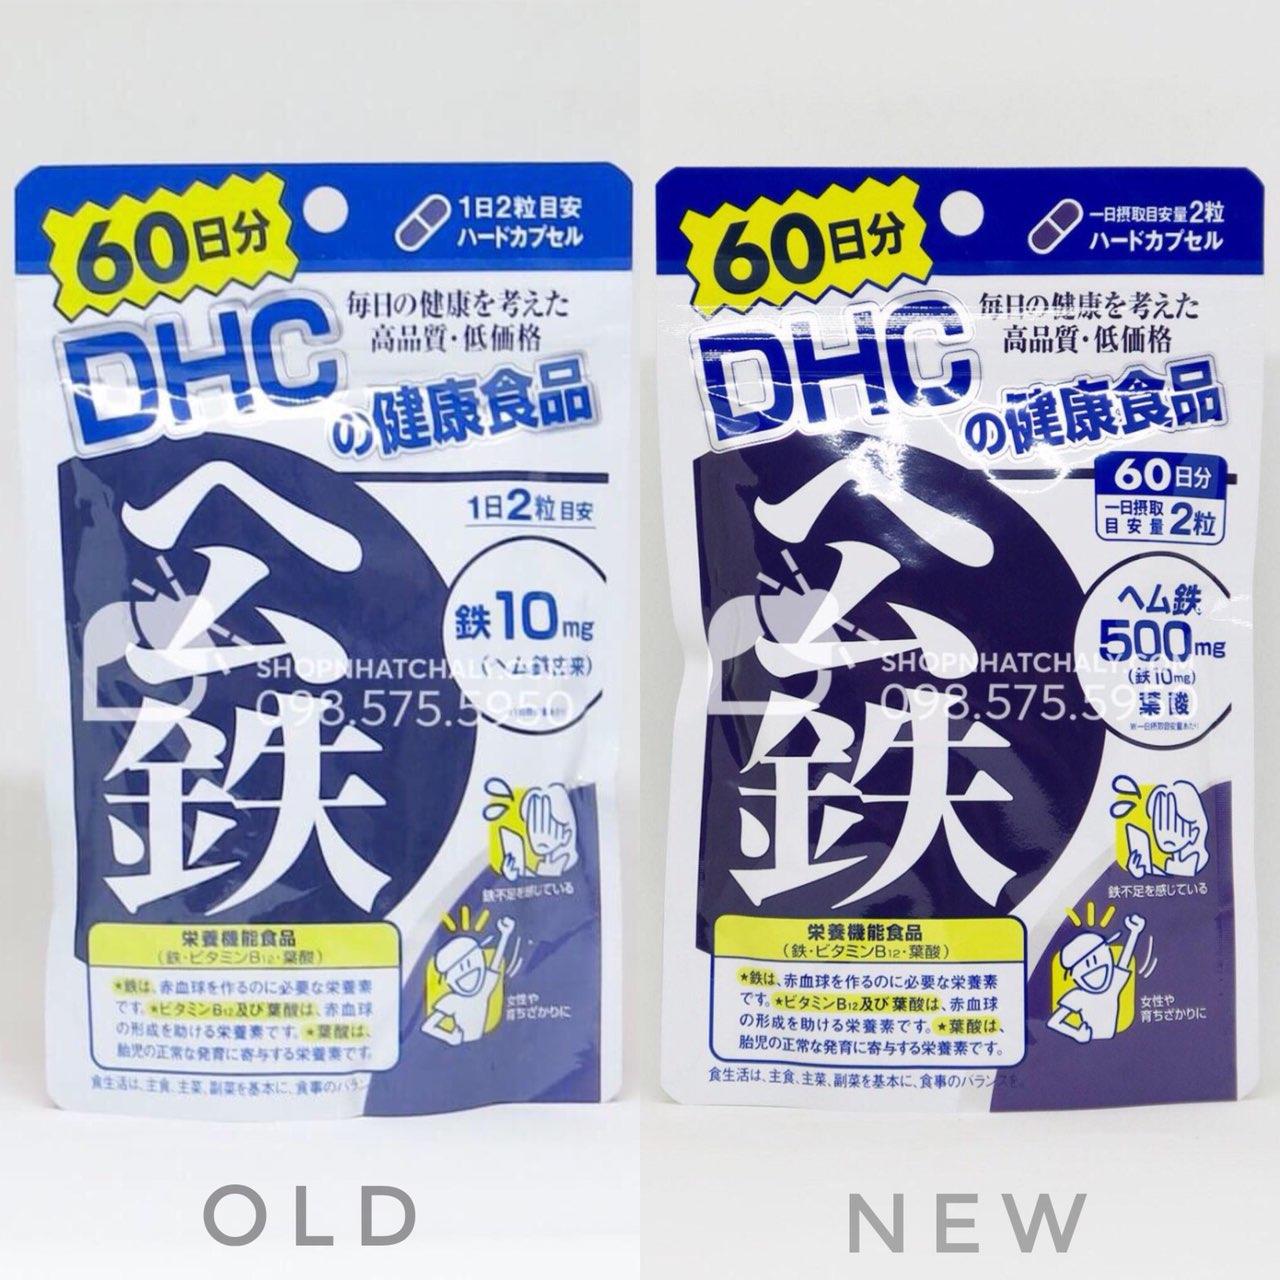 Trong các loại thuốc bổ máu của Nhật thì thuốc sắt DHC 60 ngày được đánh giá cao vì dễ uống, hiệu quả tốt và không gây táo bón. Trong ảnh là mẫu mới nhất 2019 (bên phải) mới cập nhật của sản phẩm